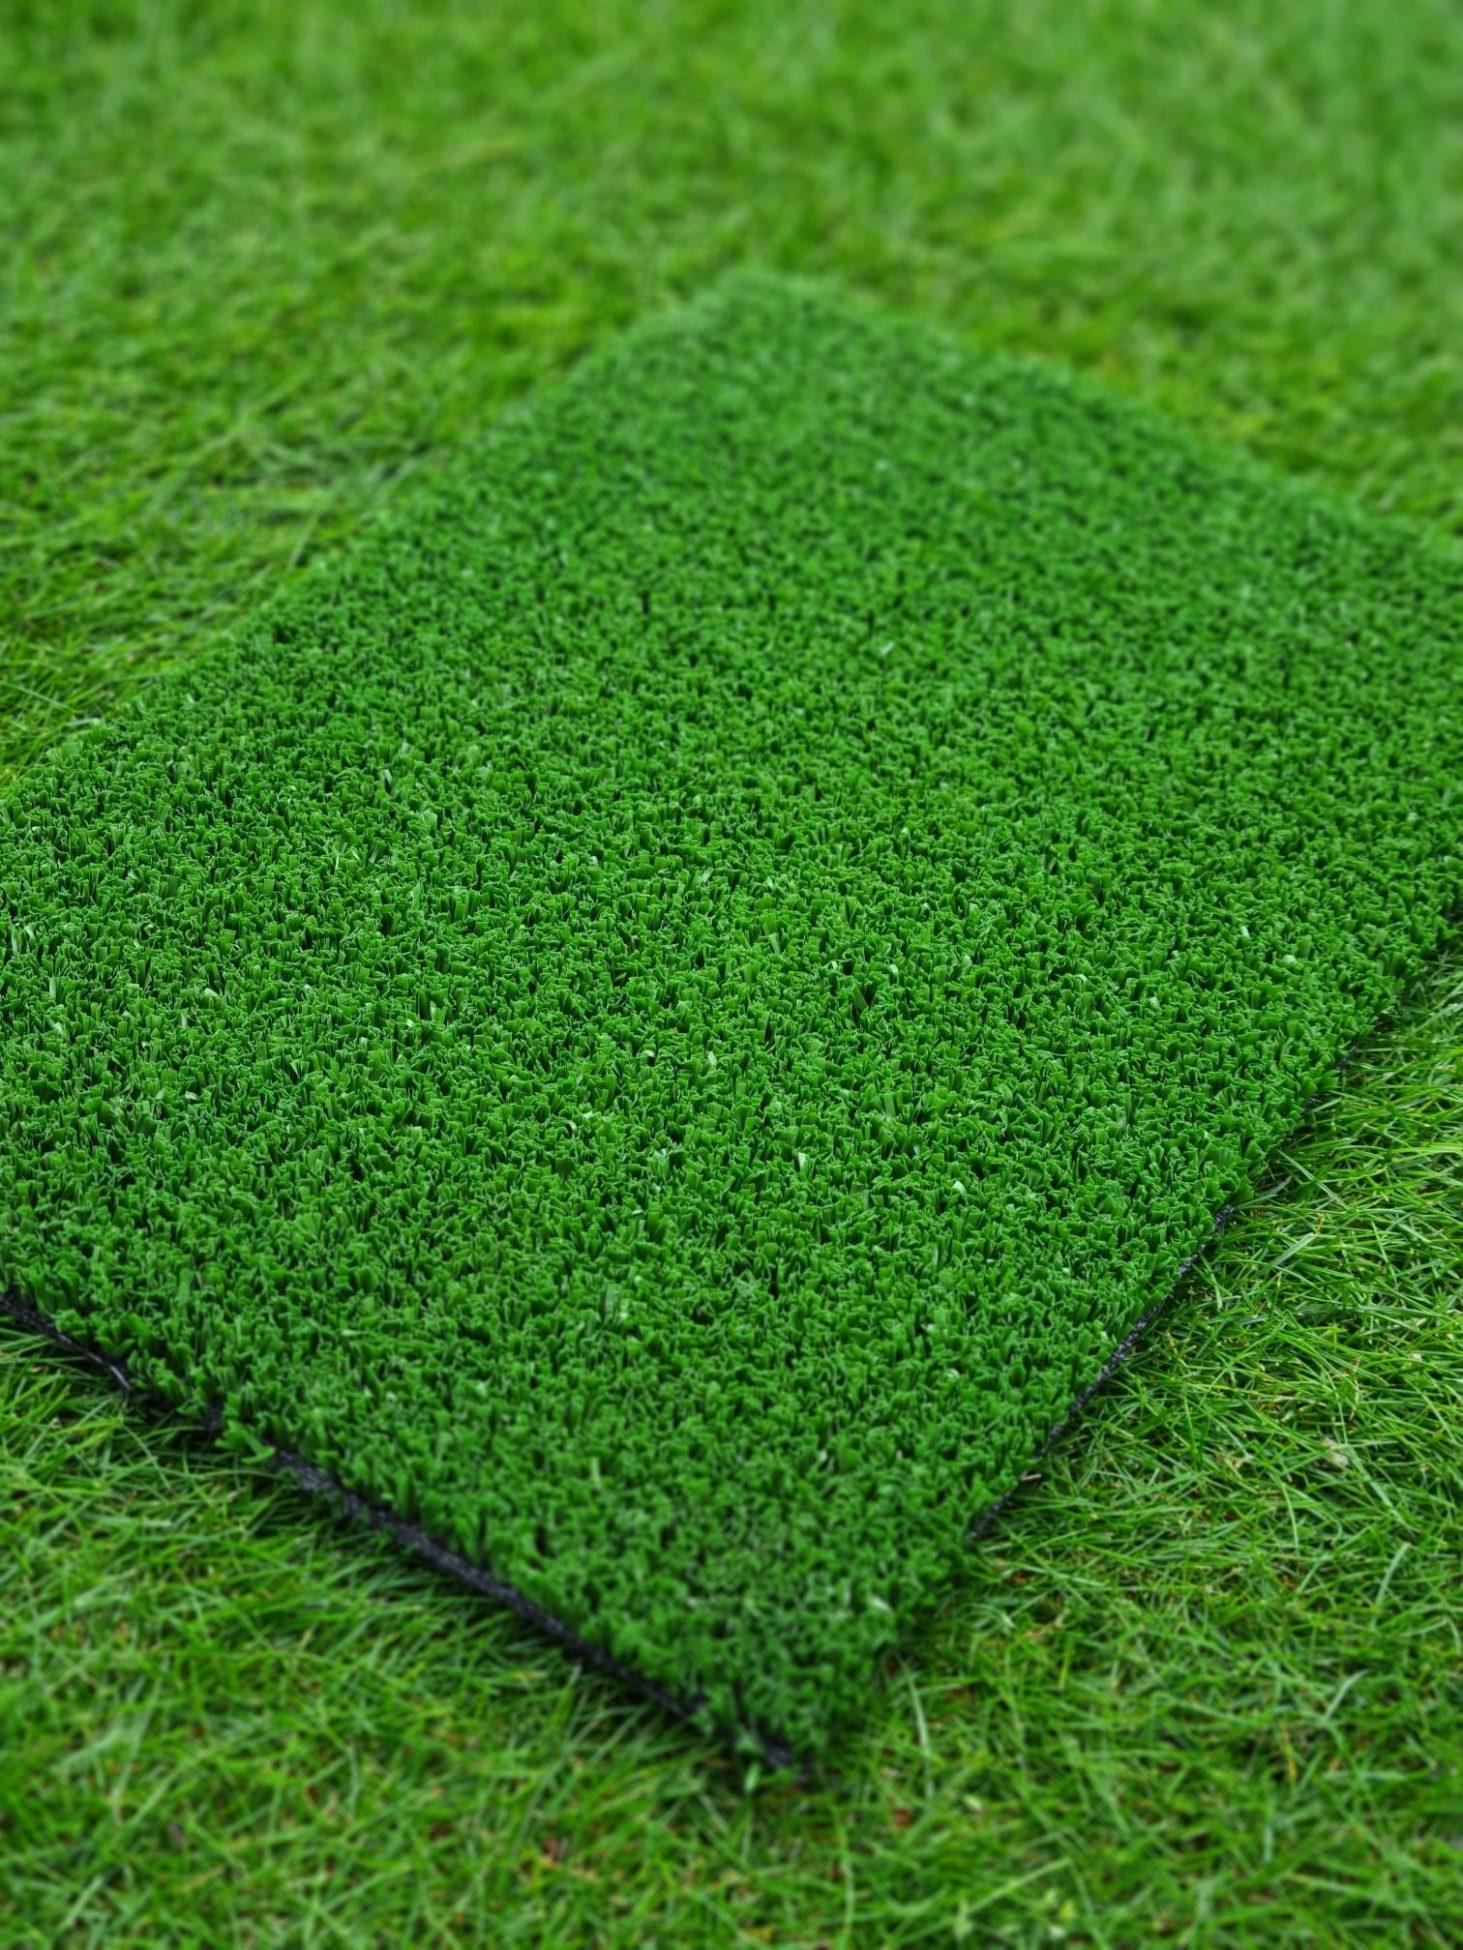 Test Pitch Artificial Grass